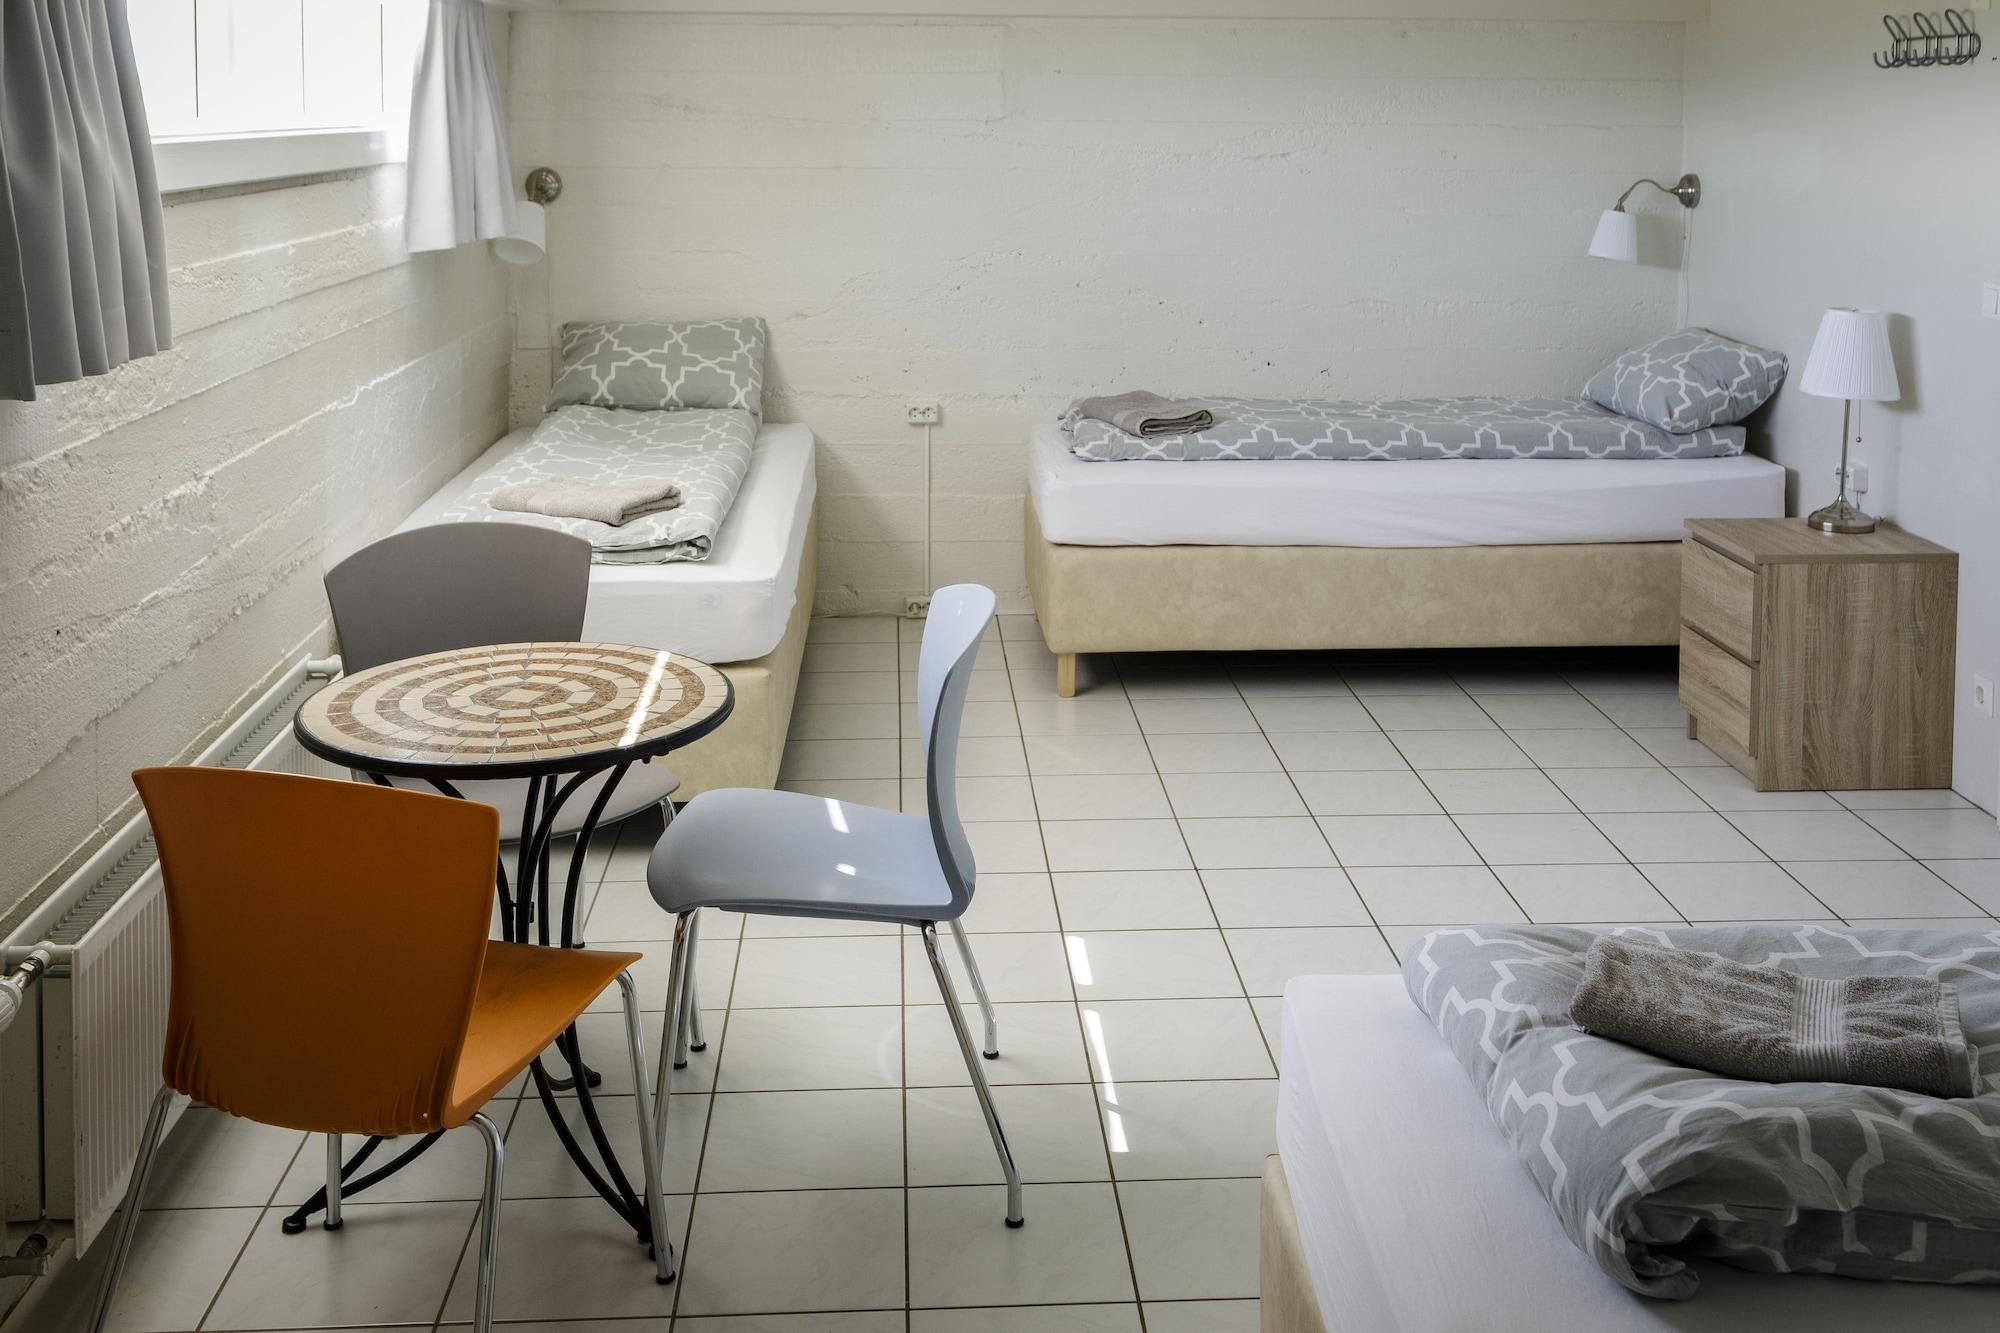 Reykholar HI Hostel, Reykhólahreppur